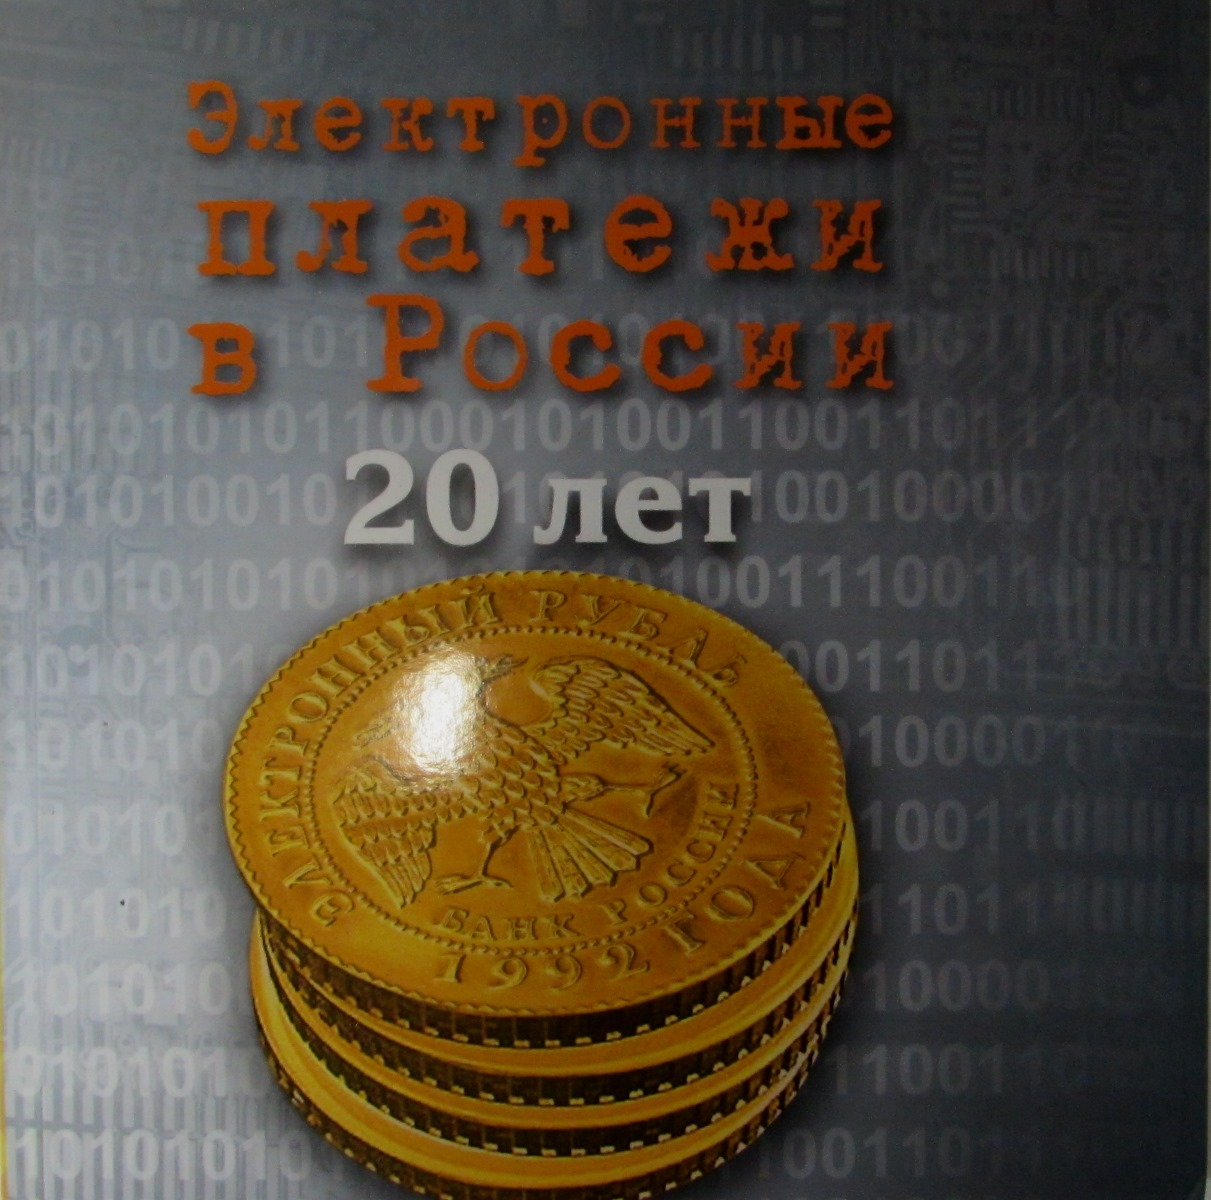 Электронные платежи в России. 20 лет